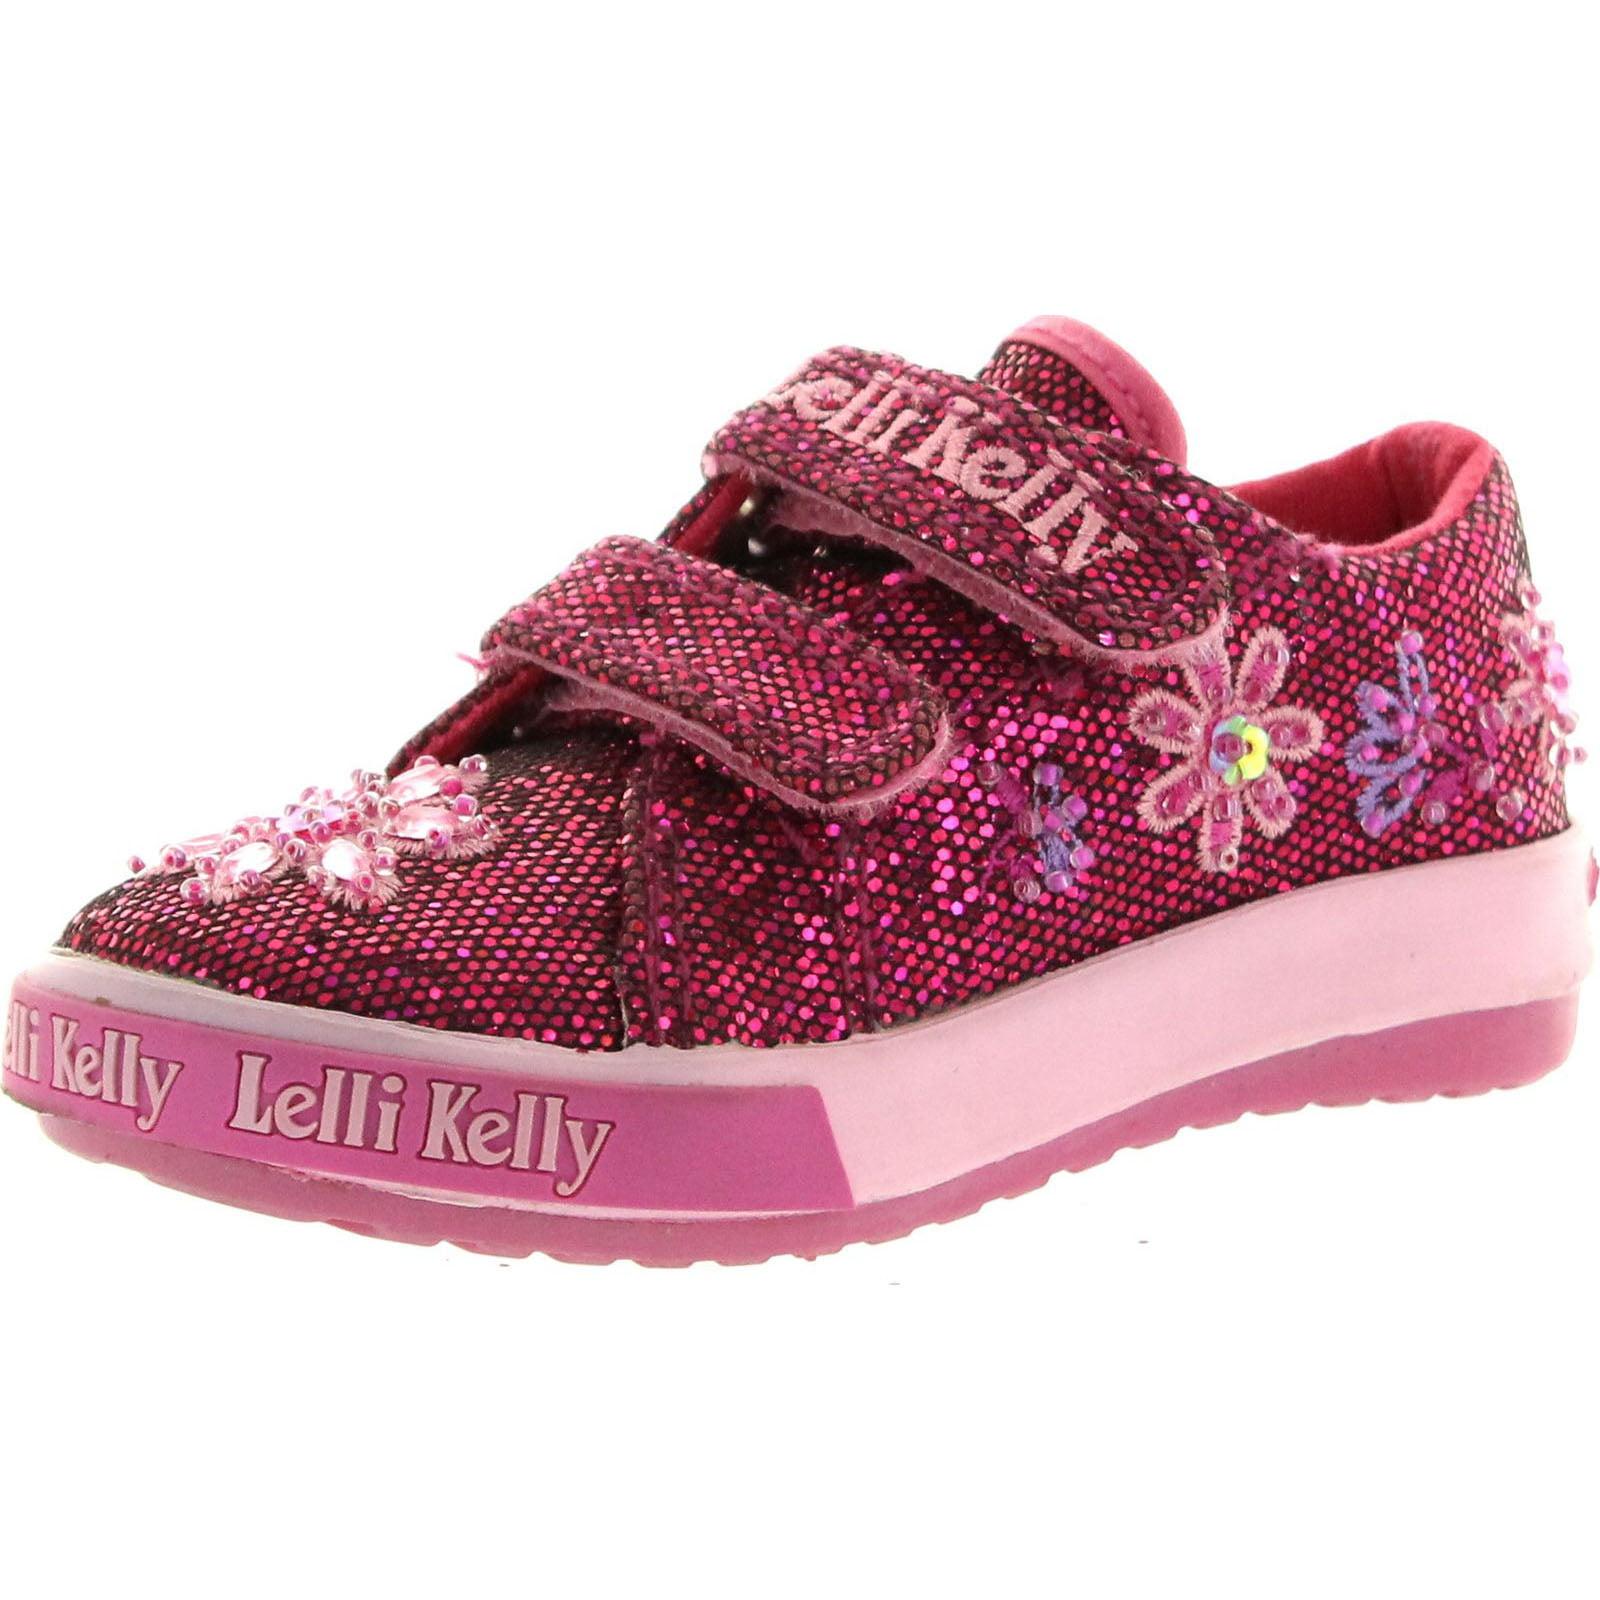 Lelli Kelly Girls Fashion Sneakers